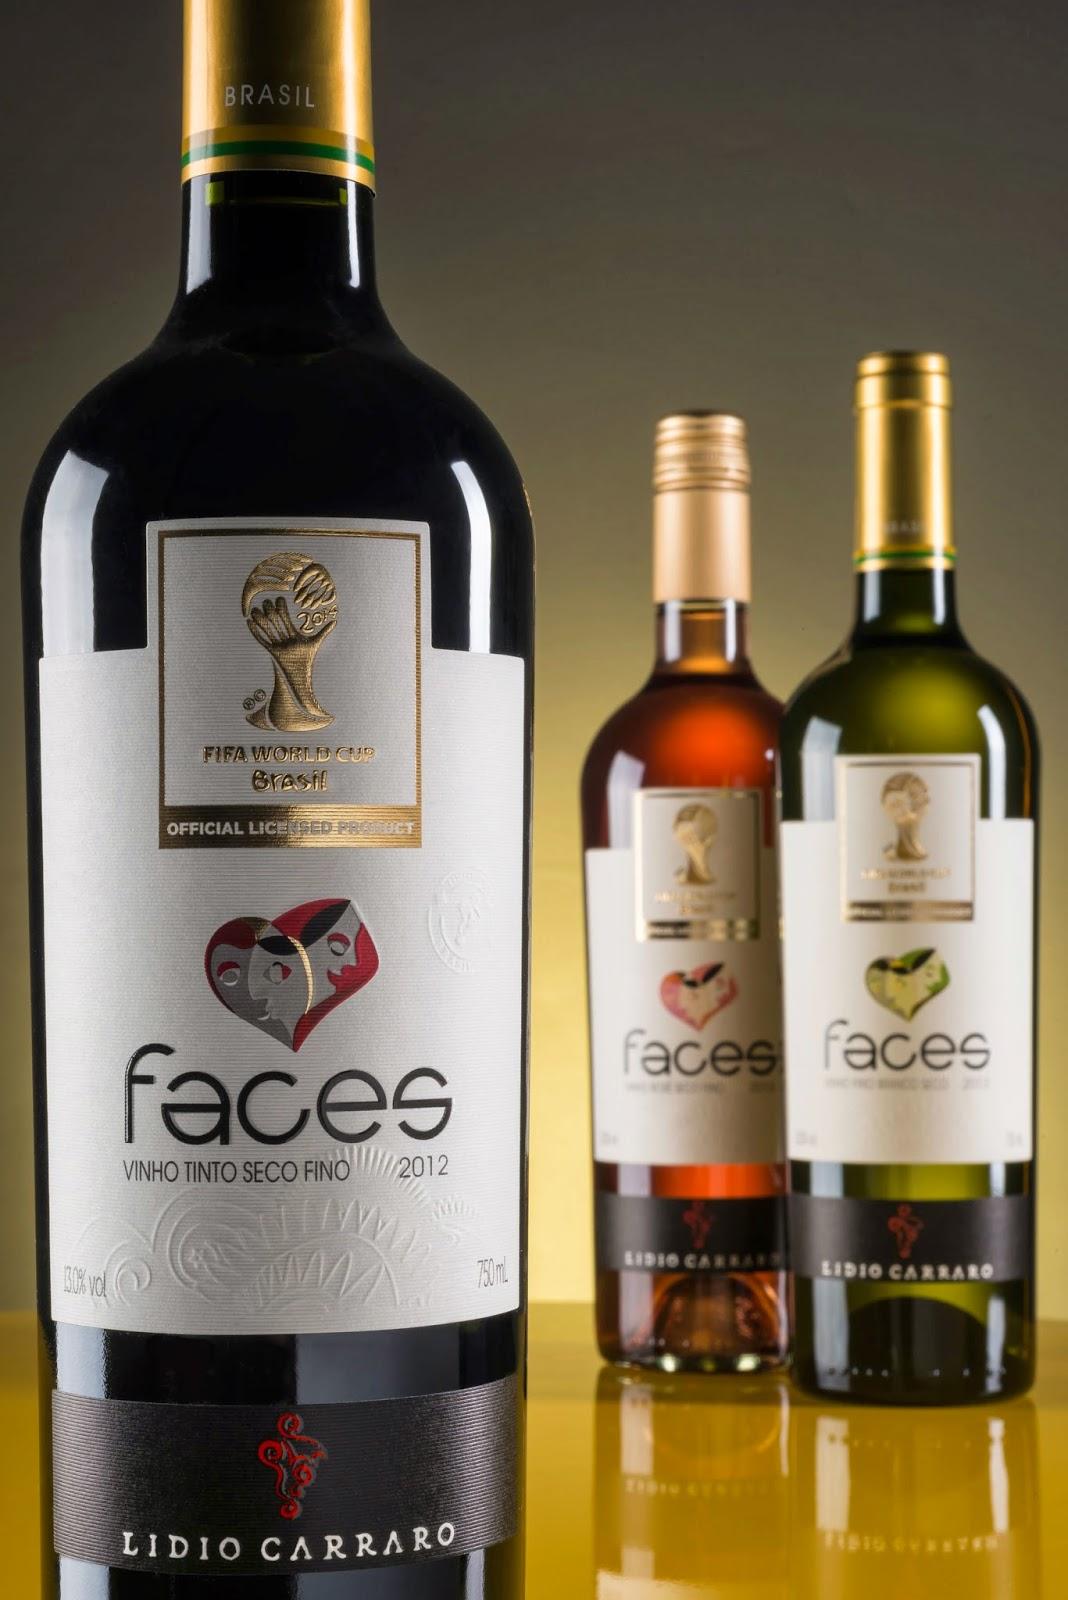 Eu, Gourmet: Vinho Lídio Carraro Faces - licenciado oficial da Copa do Mundo  FIFA 2014™ - será apresentado na ProWein